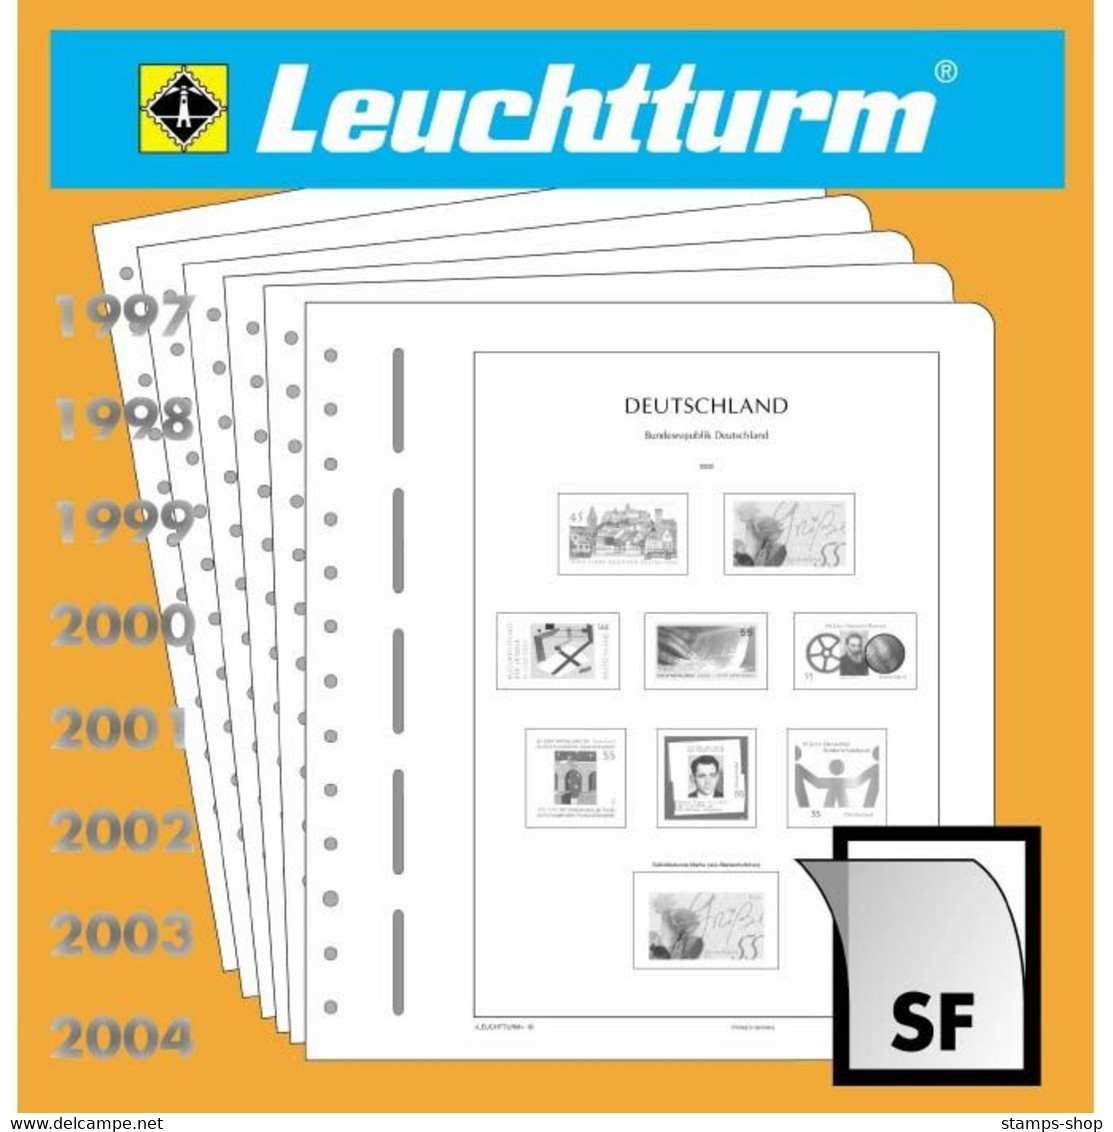 Leuchtturm Nachtrag Deutschland Markenheftchen 2014 SF Mit Taschen Neu - Pre-printed Pages